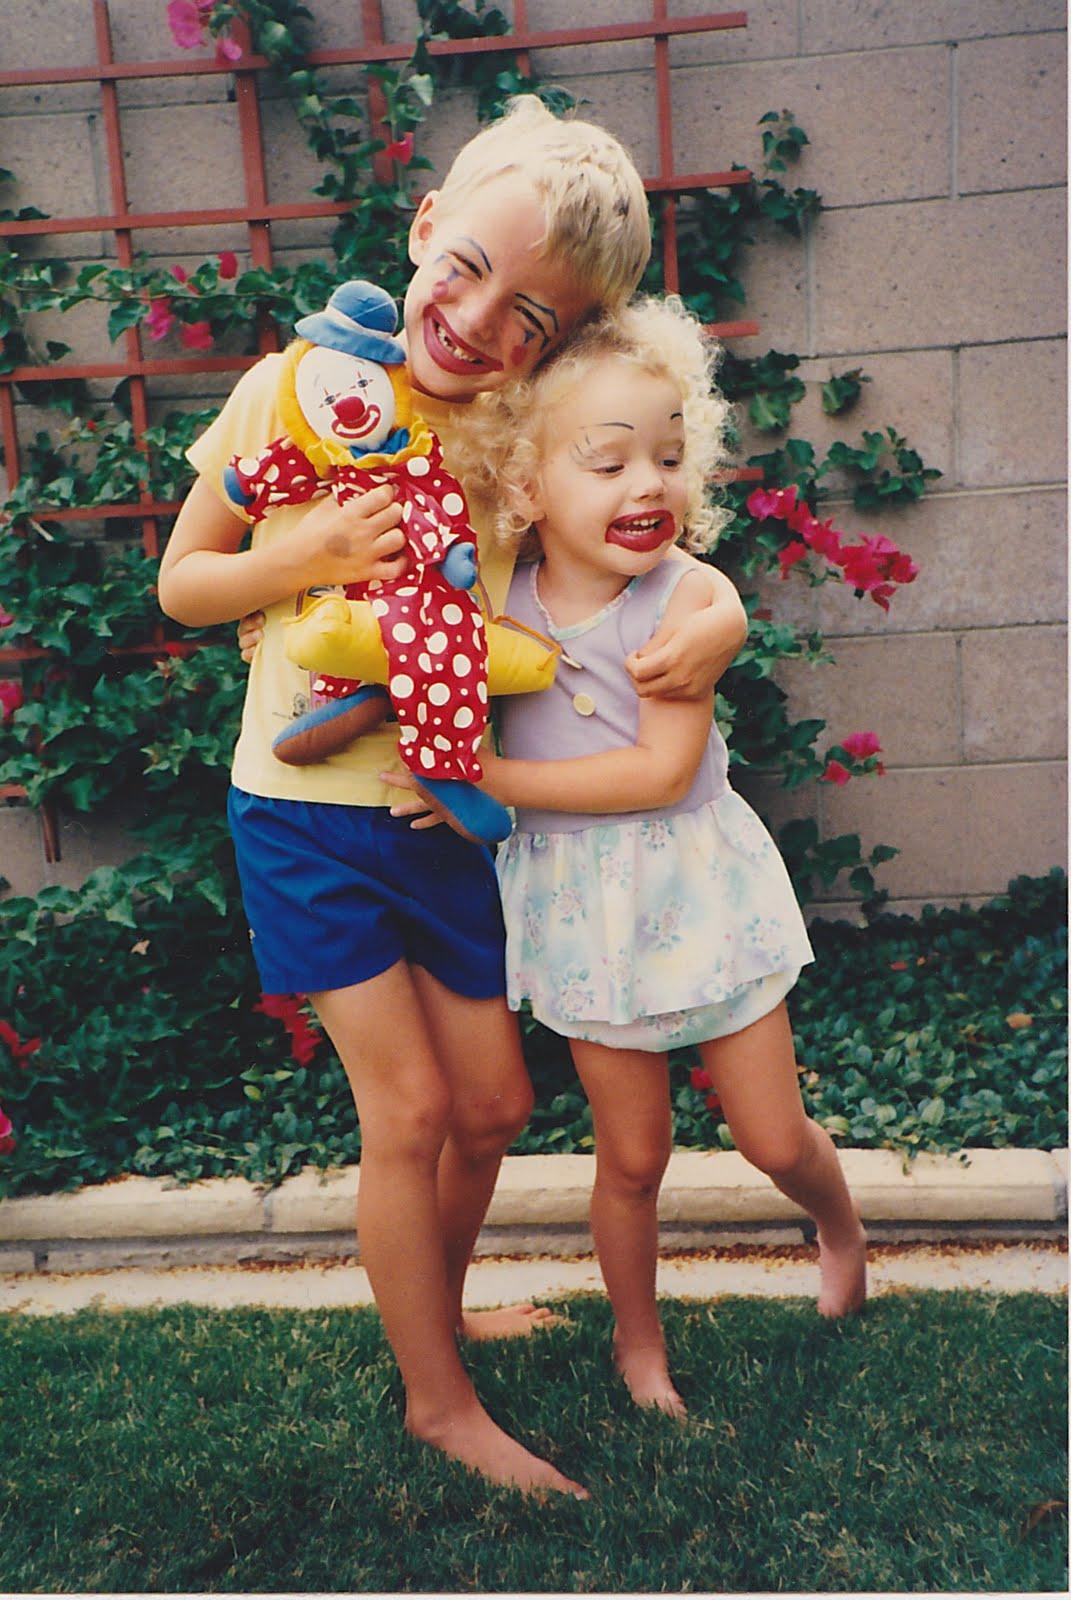 http://4.bp.blogspot.com/_Ucmj2UupKT4/TEPTzxTvFNI/AAAAAAAAAYw/Bhy3j4QwXno/s1600/Cute+Clowns.jpg